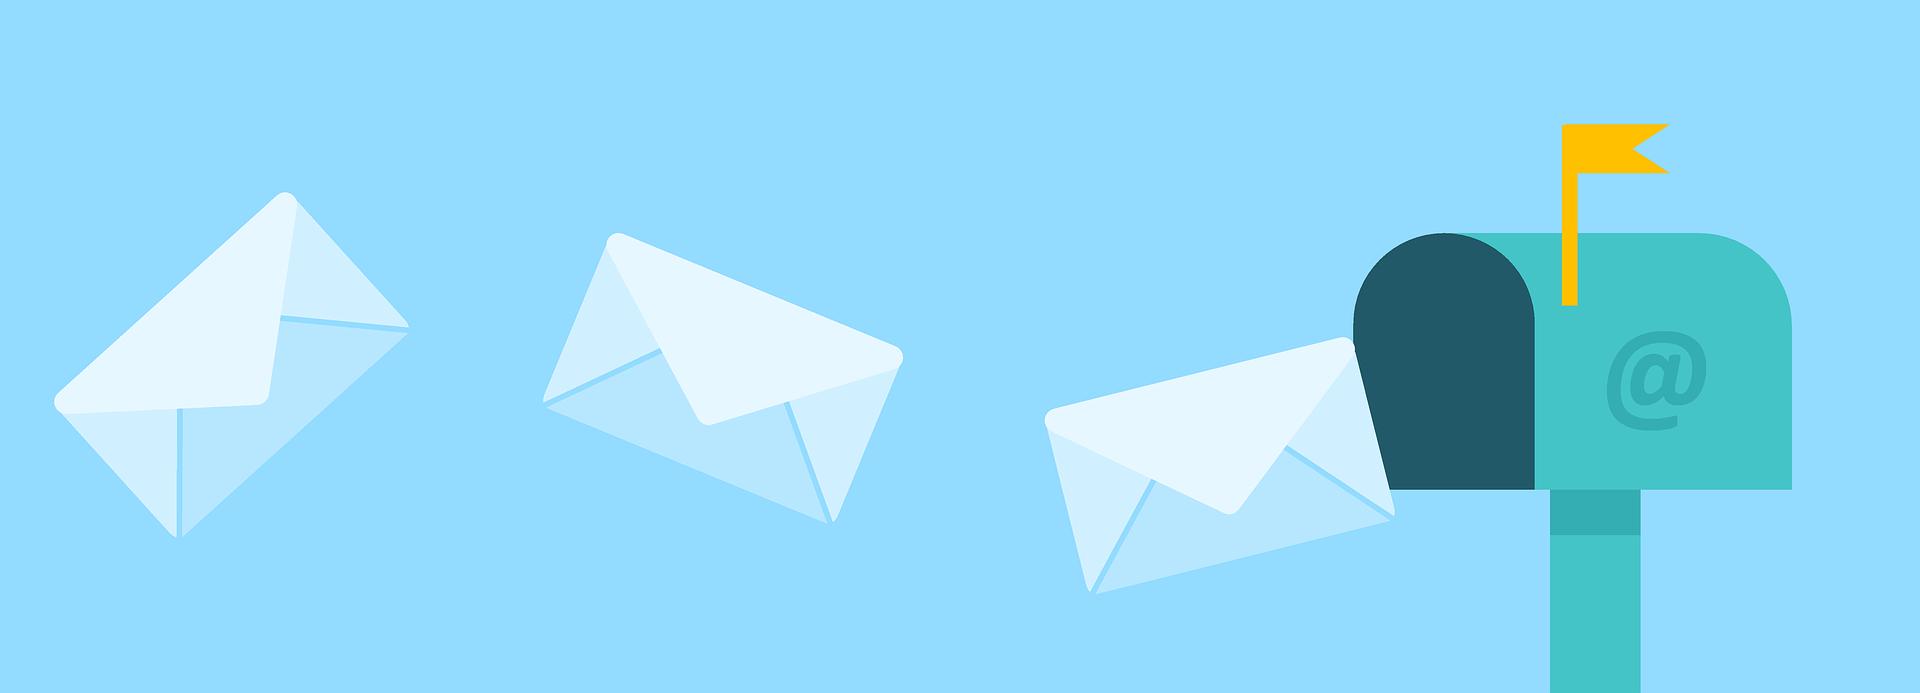 6 estatísticas que provam que e-mail marketing ainda funciona